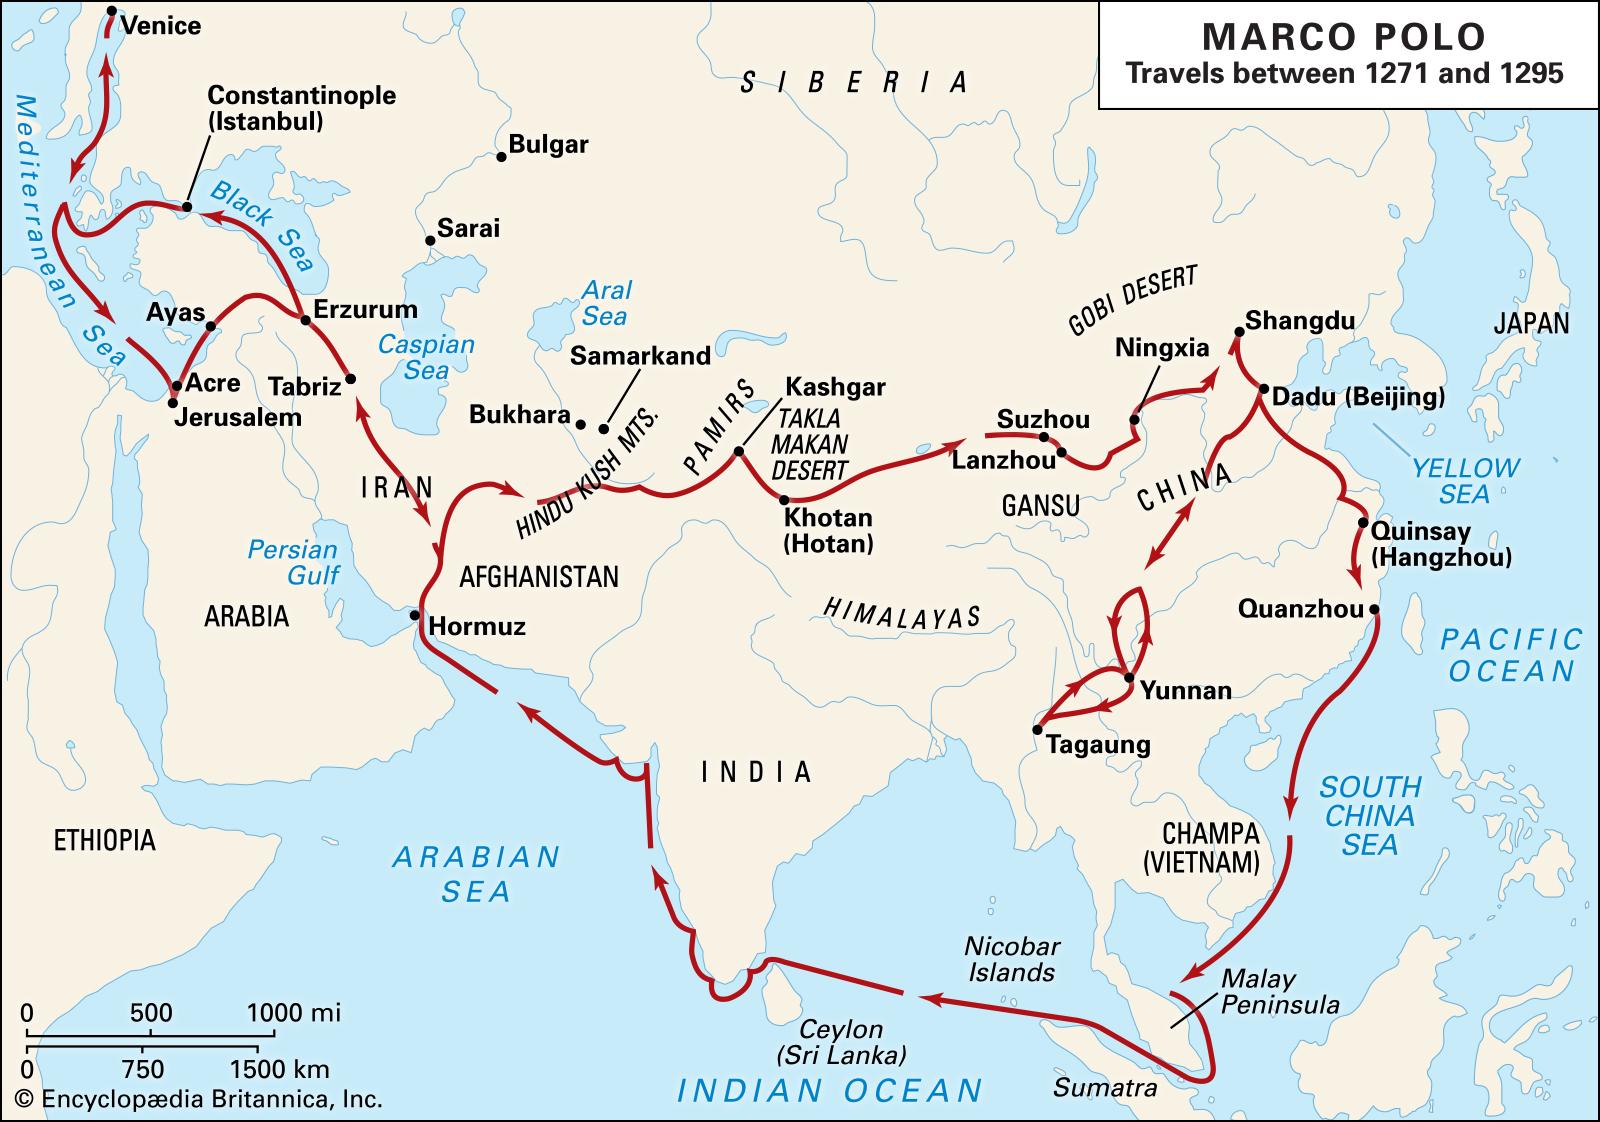 маршрут путешествий марко поло фото показывает